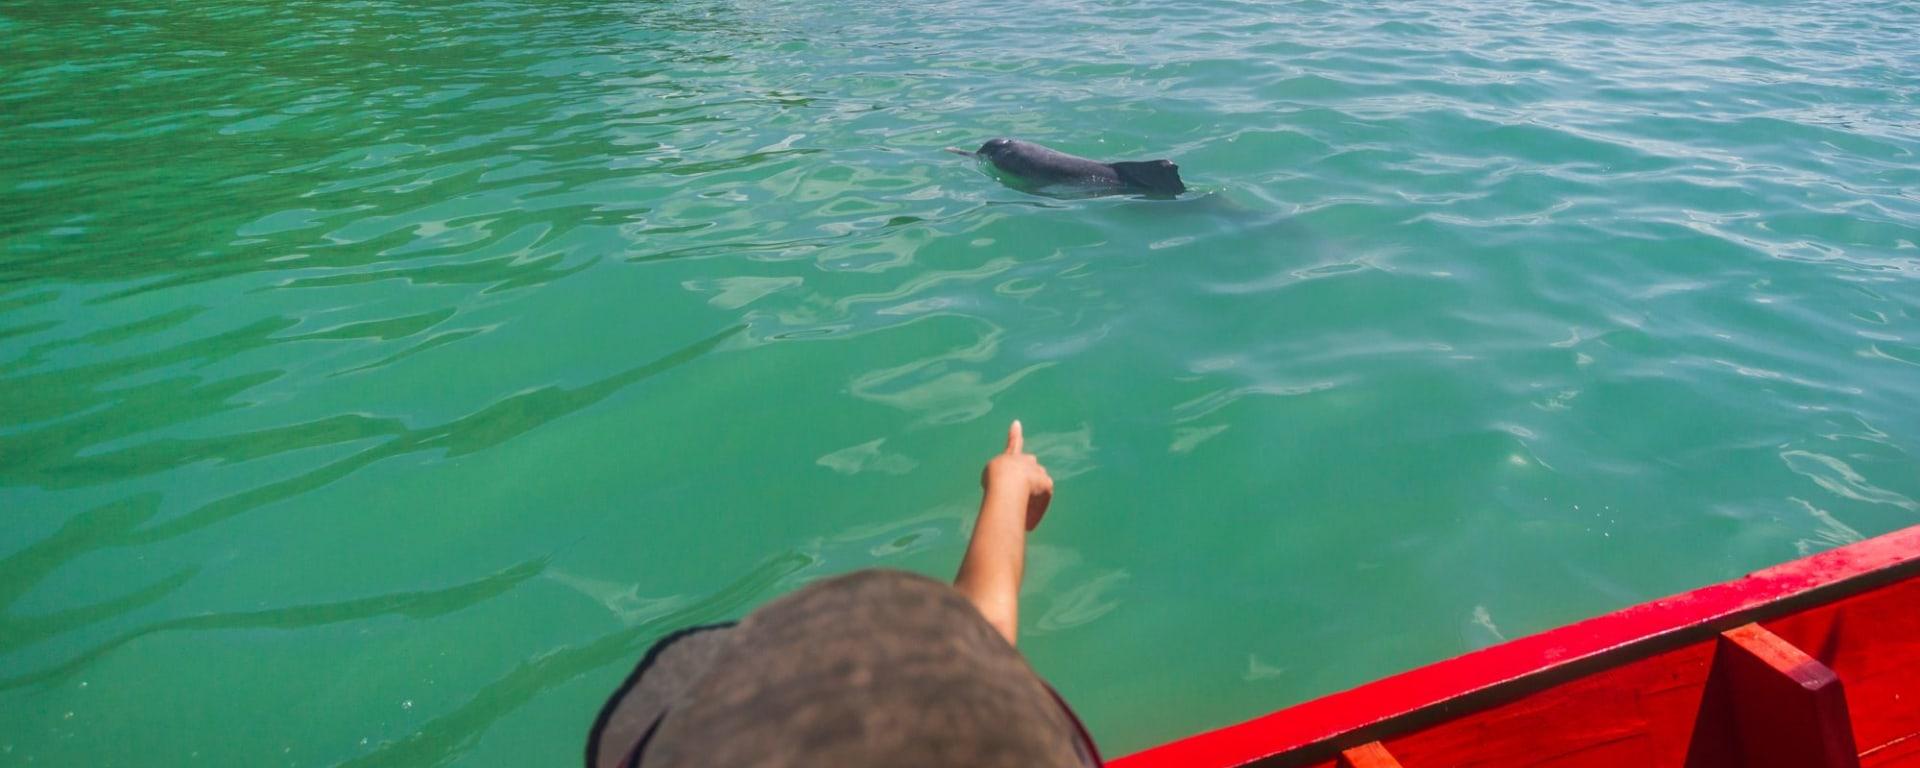 Von Küste zu Küste im Süden Thailands ab Krabi: Khanom villagers take tourists to watch dolphins